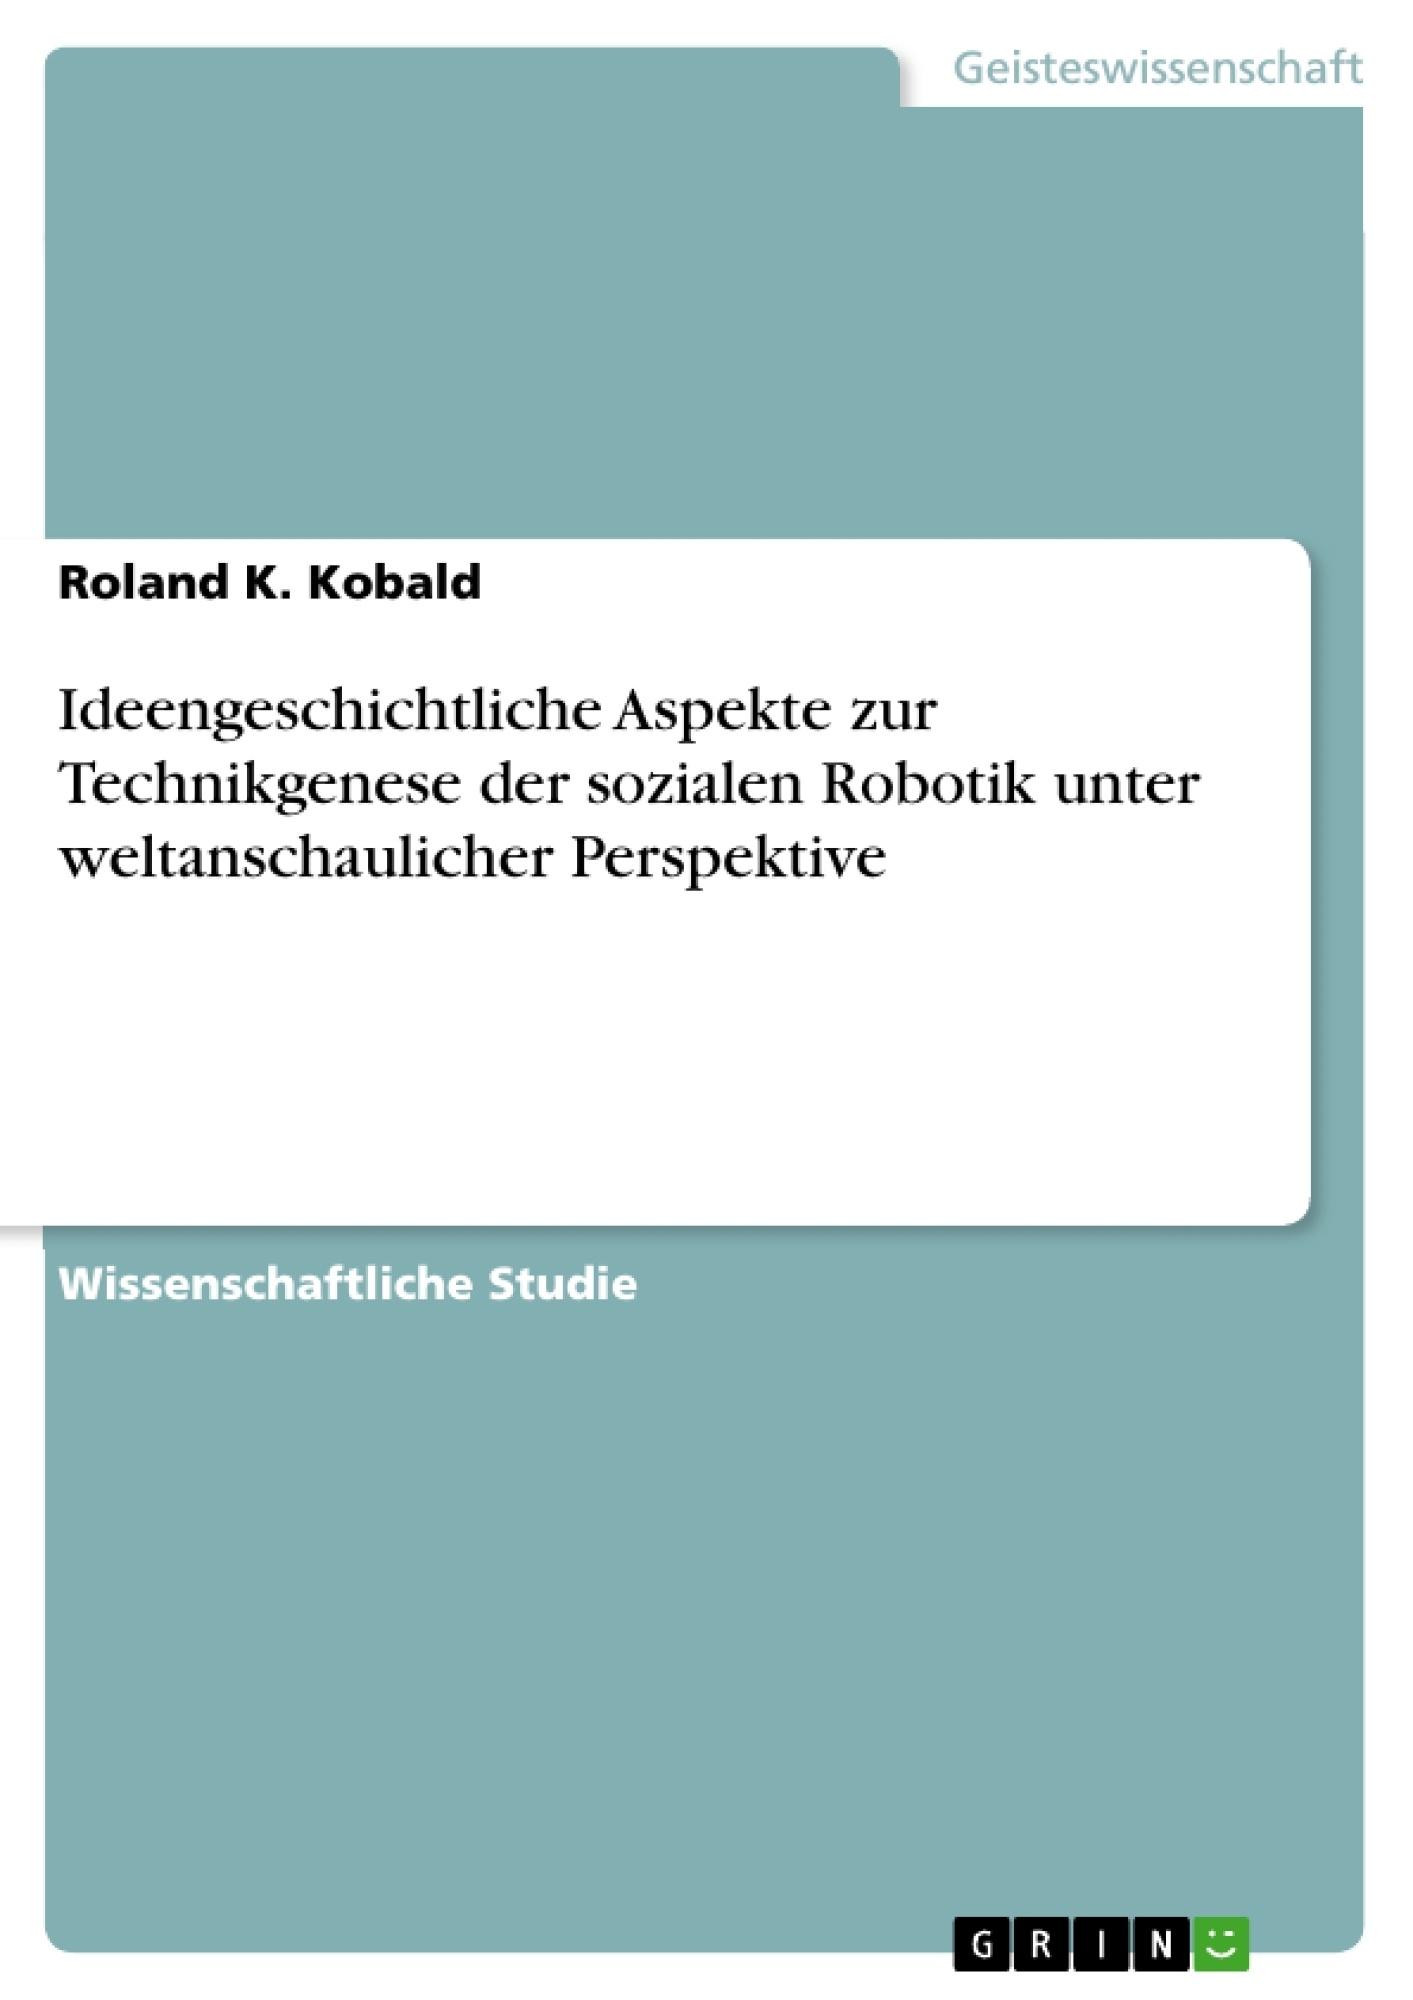 Titel: Ideengeschichtliche Aspekte zur Technikgenese der sozialen Robotik unter weltanschaulicher Perspektive